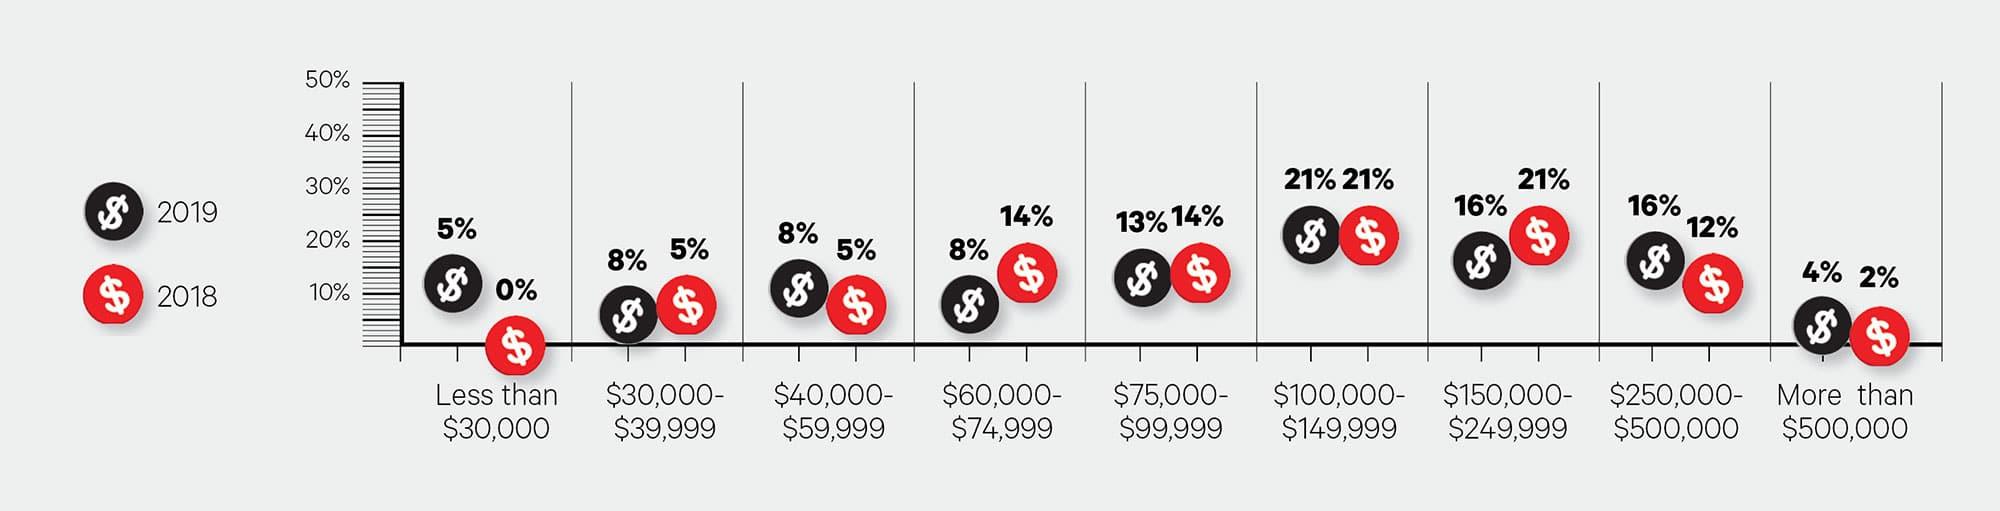 big survey 2020-owner earnings